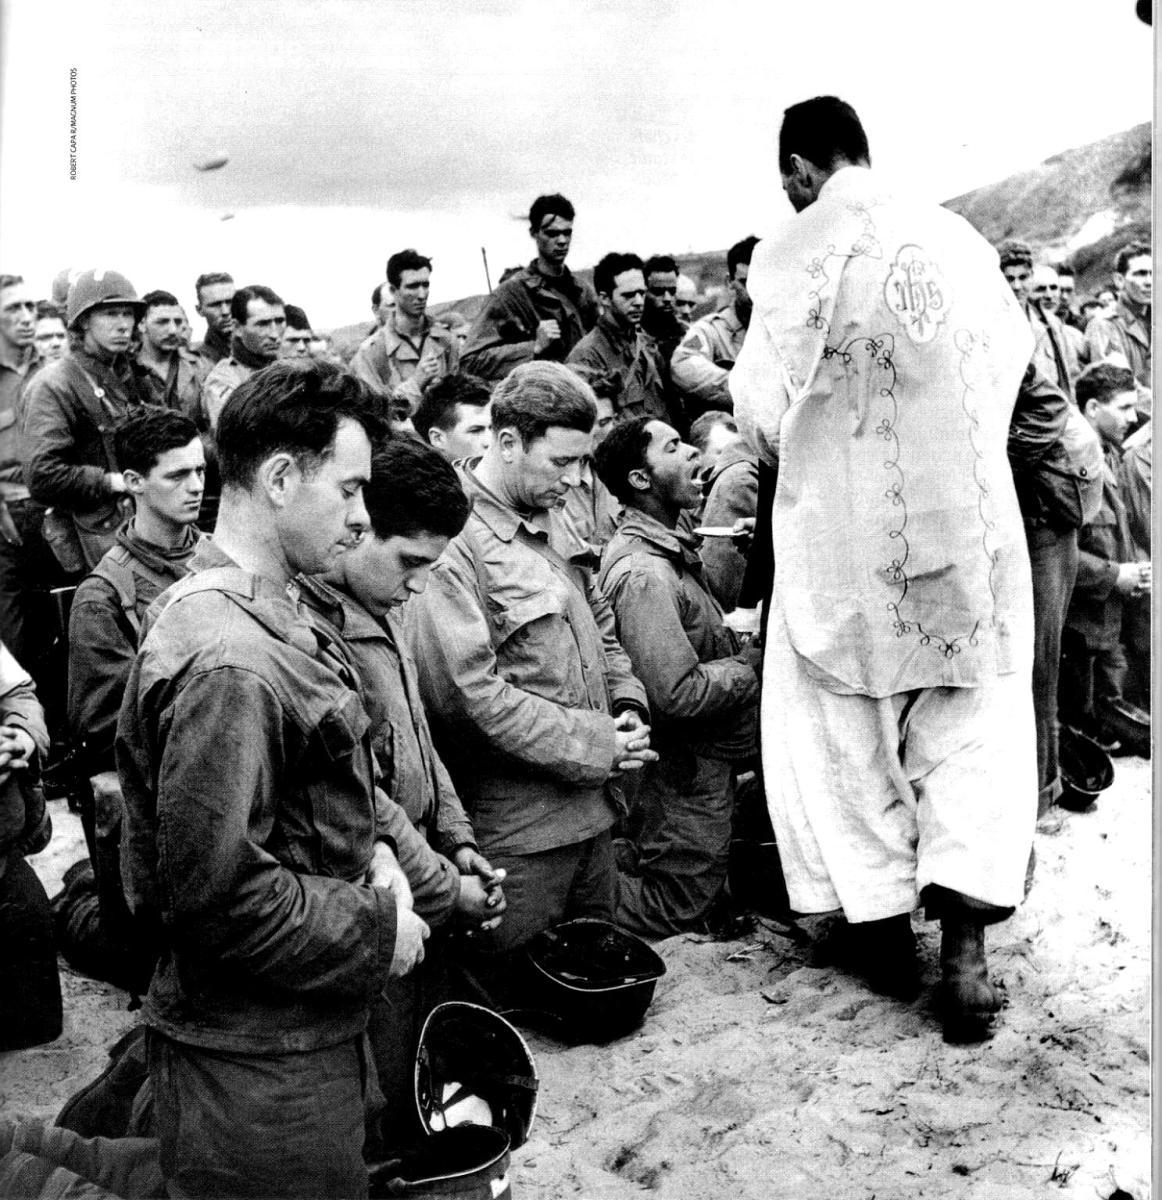 6 juin 1944 - 6 juin 2014 - 70ème anniversaire du débarquement - la messe de toujours dans le débarquement en Normandie